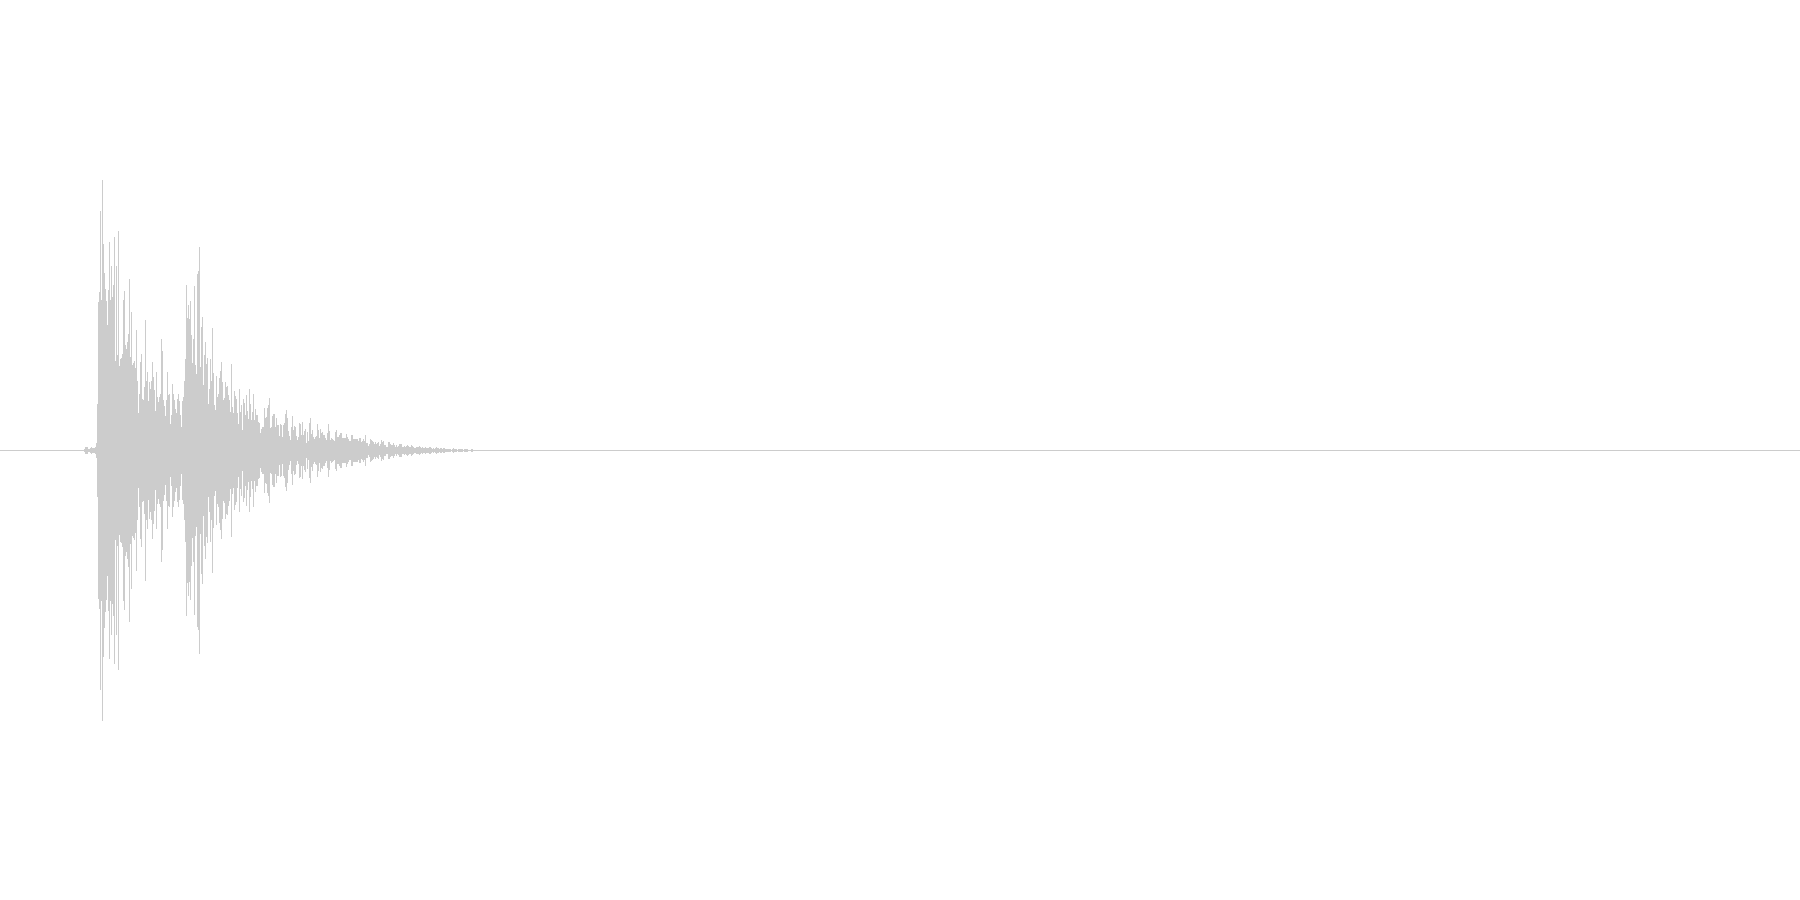 ピコッ(テロップ、テレビ、バラエティー)の未再生の波形